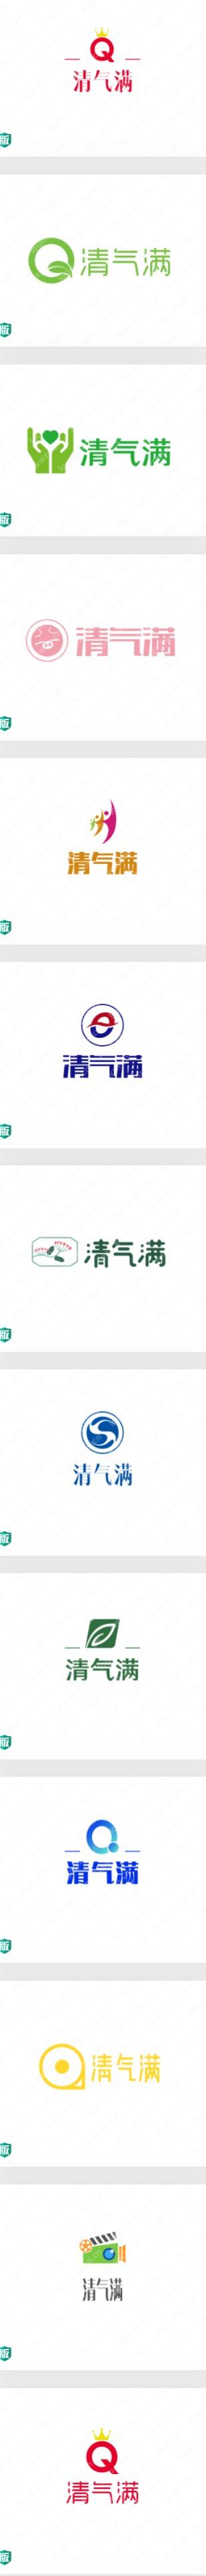 """20个""""清气满""""的logo图标,寓意生态环保,你喜欢几个?"""